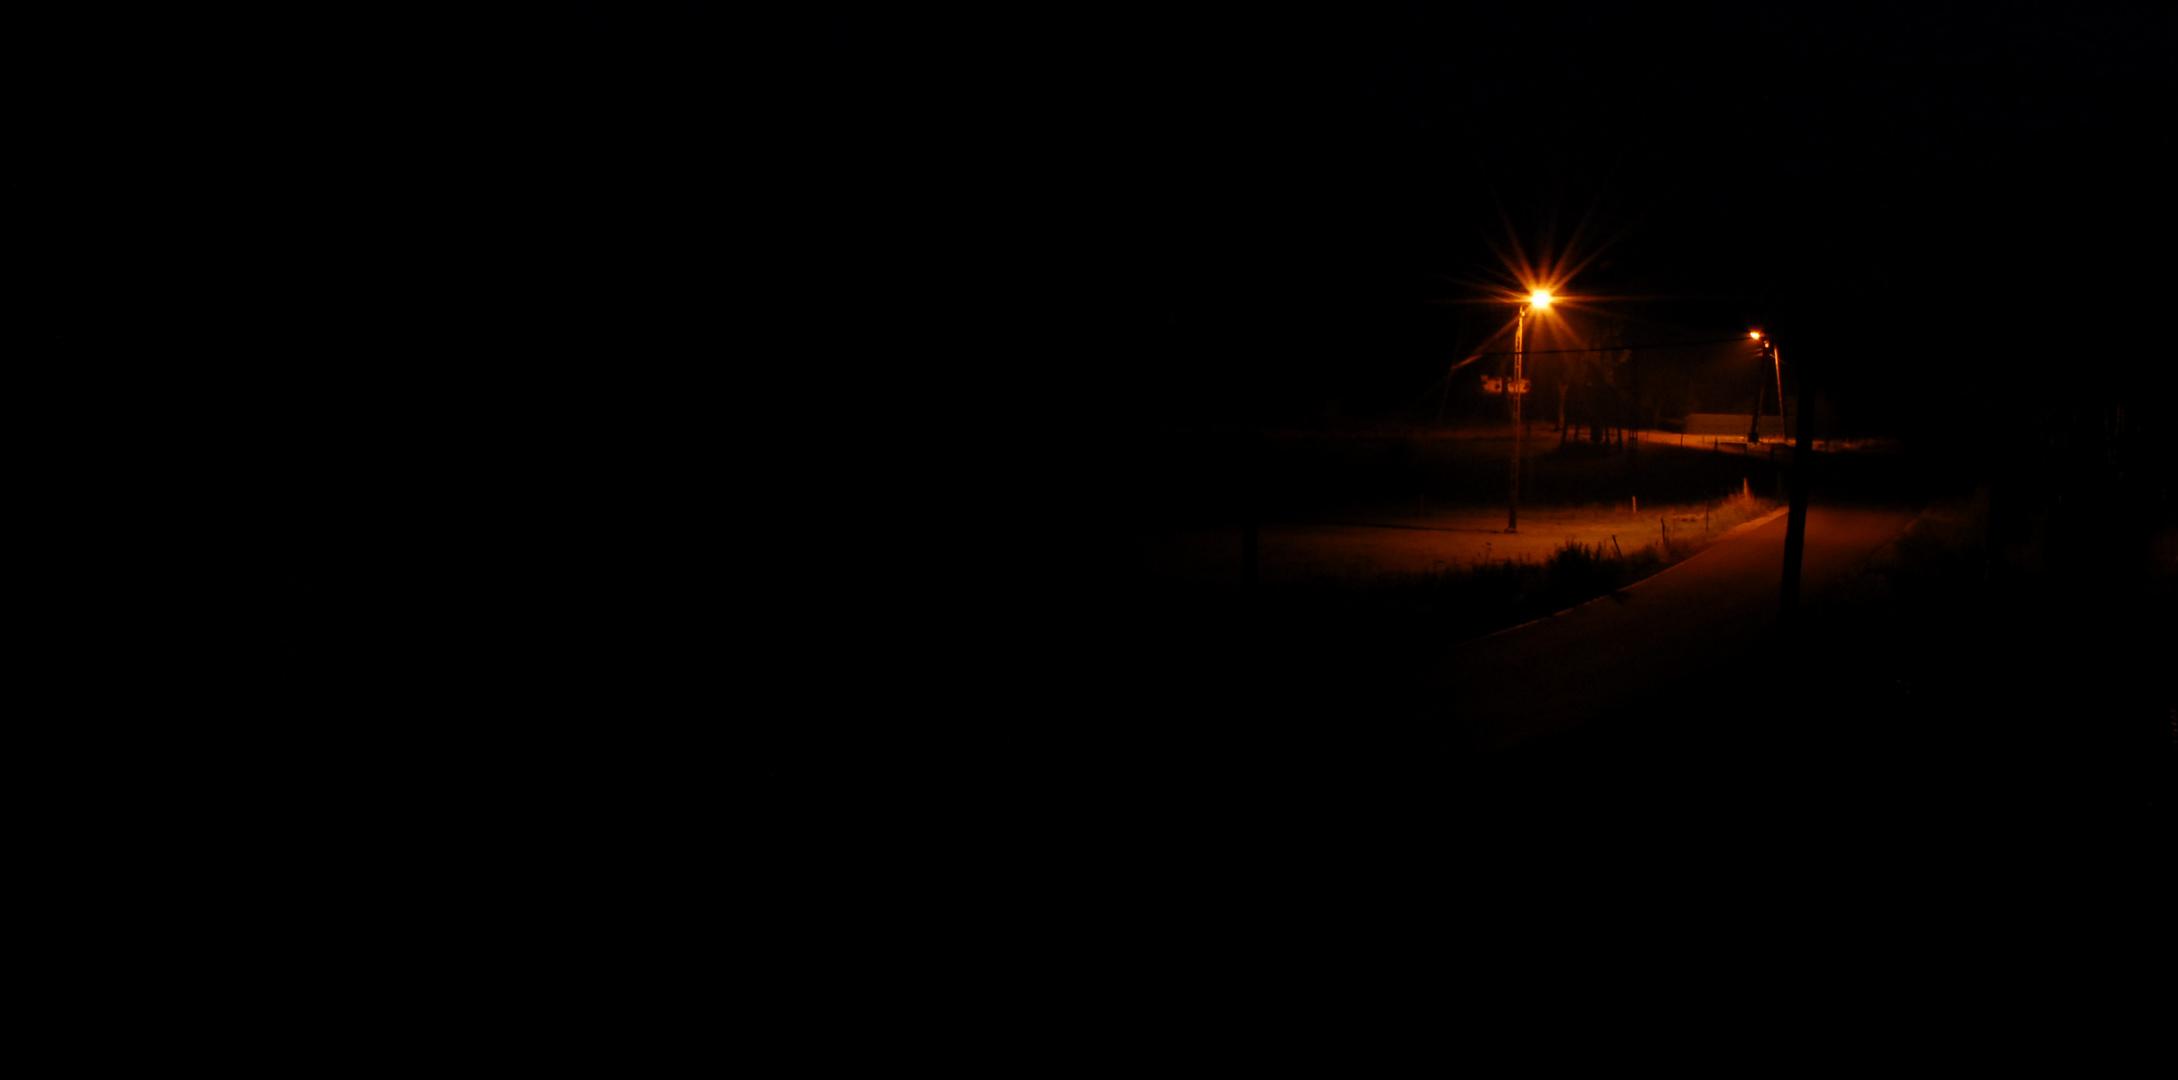 Ein Lichtlein in der Dunkelheit.